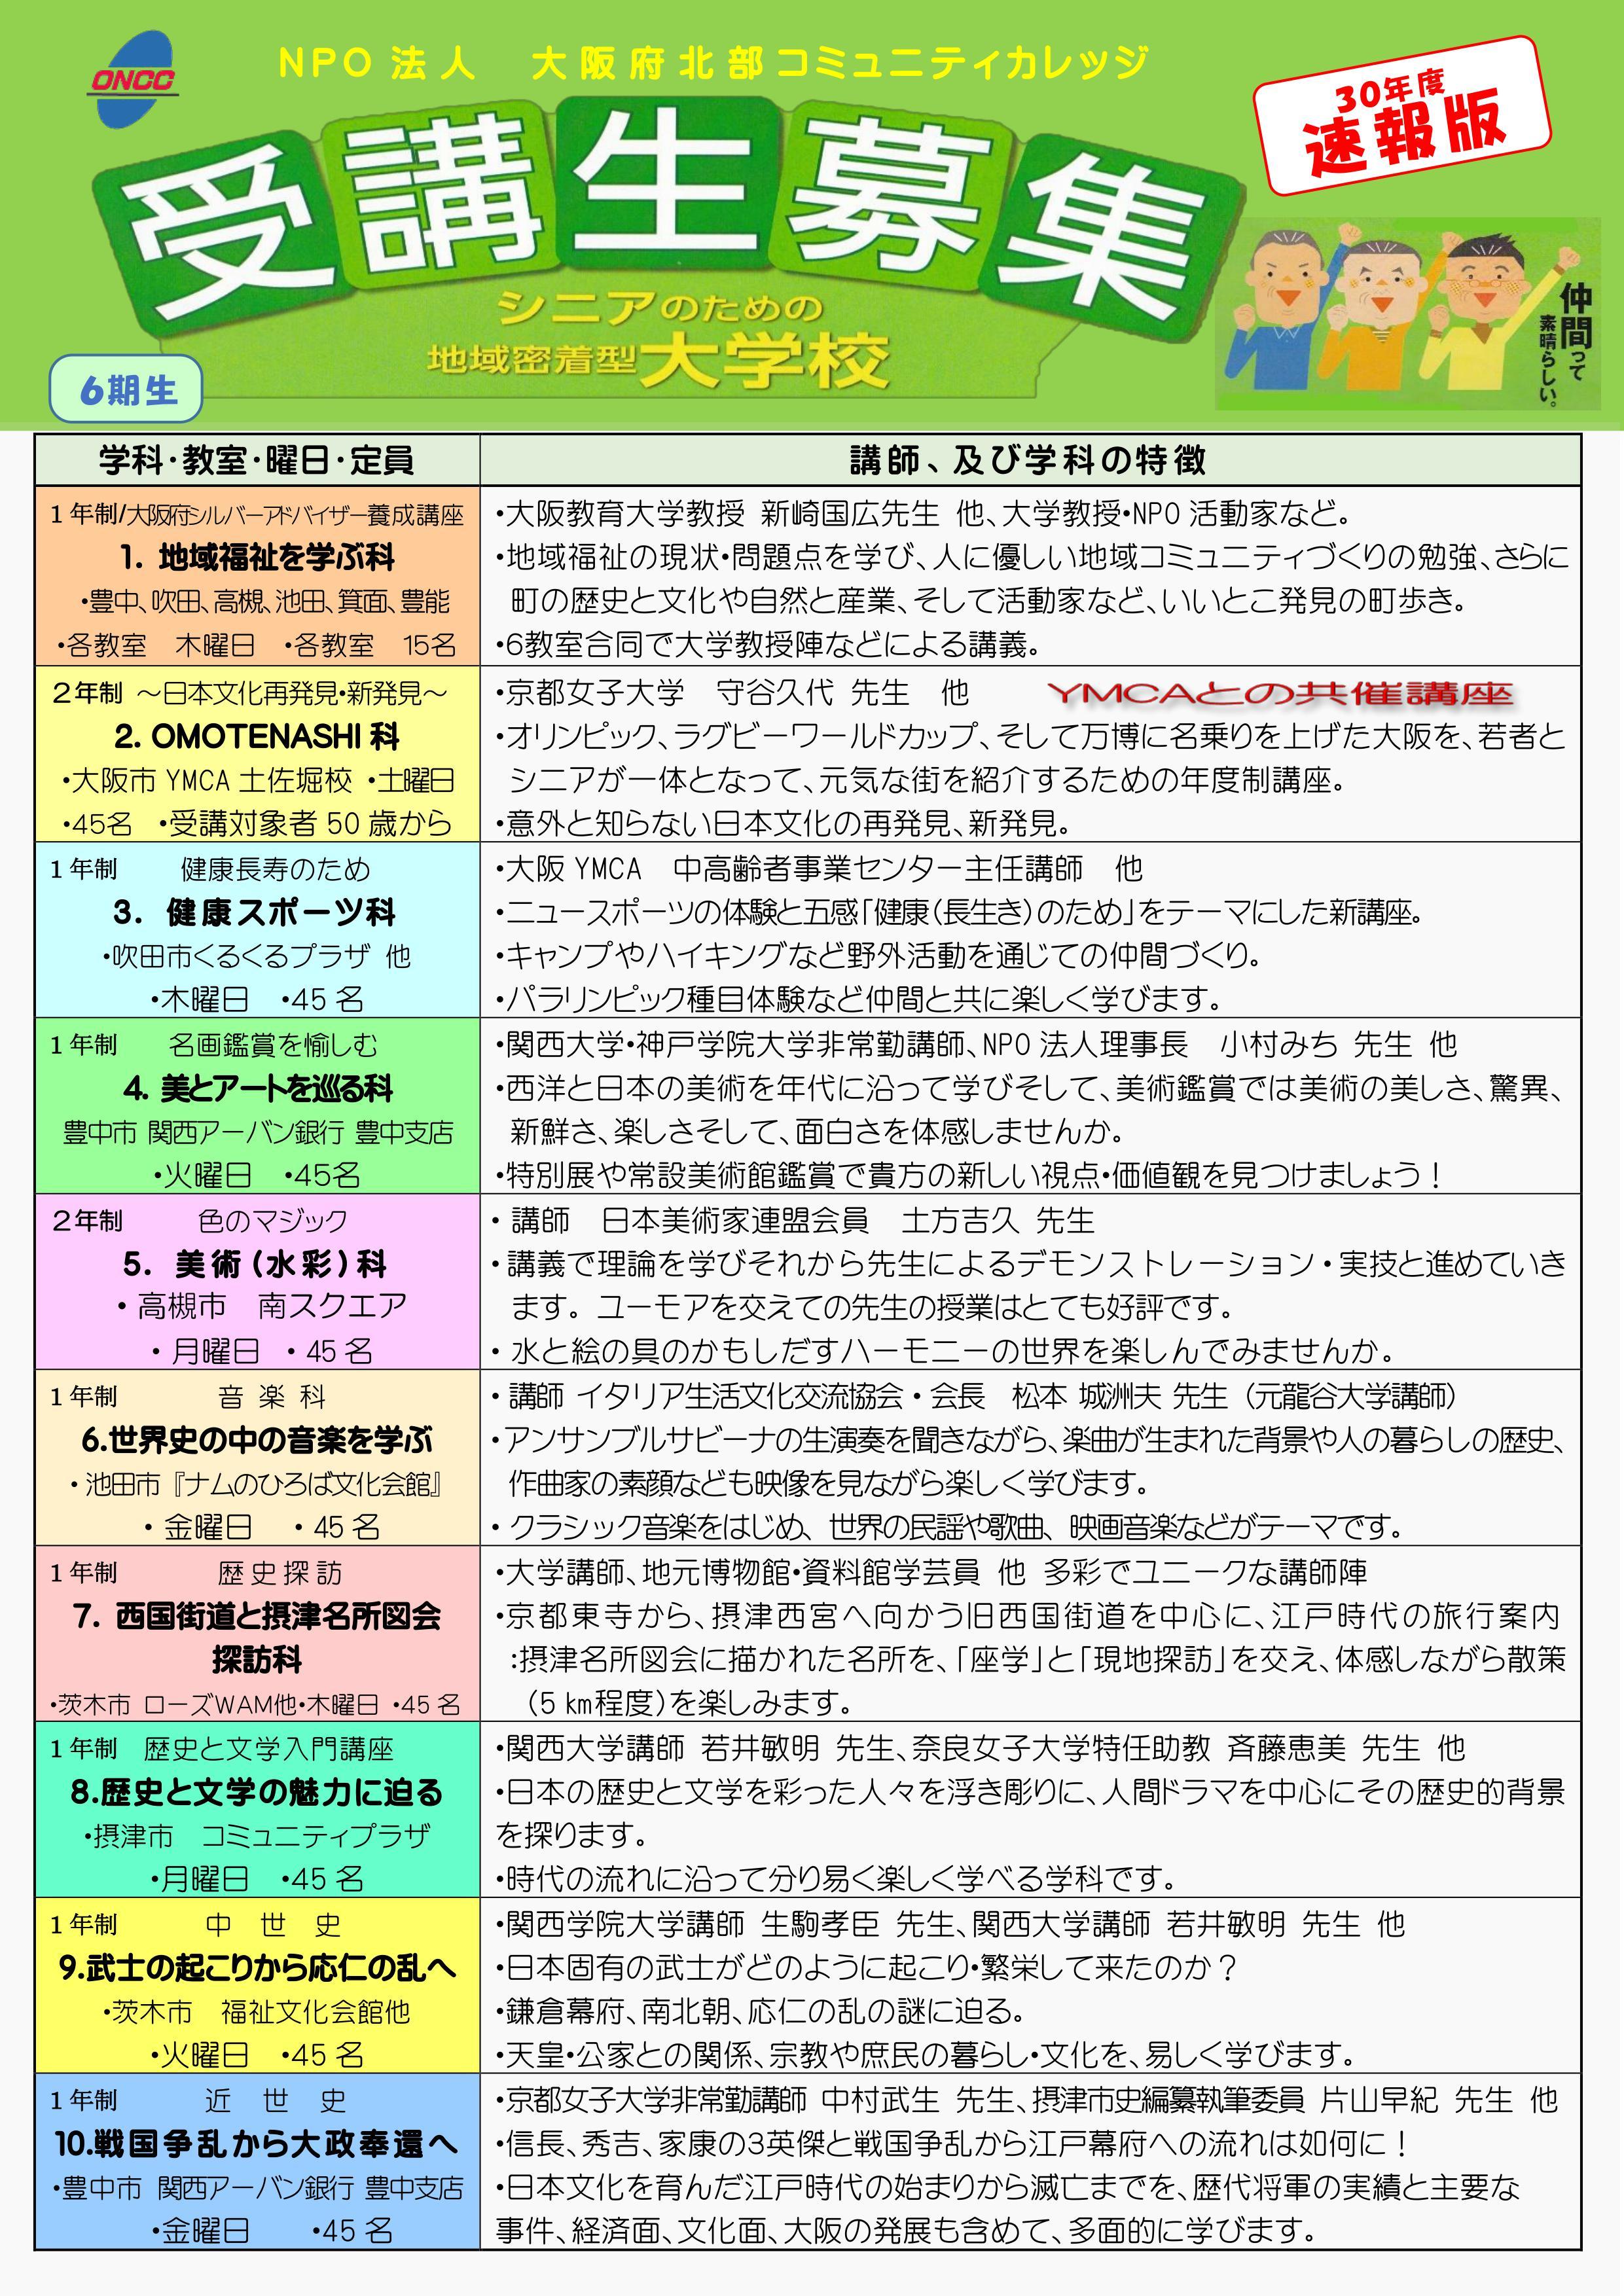 6kisei-bosyu-sokuho2_imgs-0001.jpg